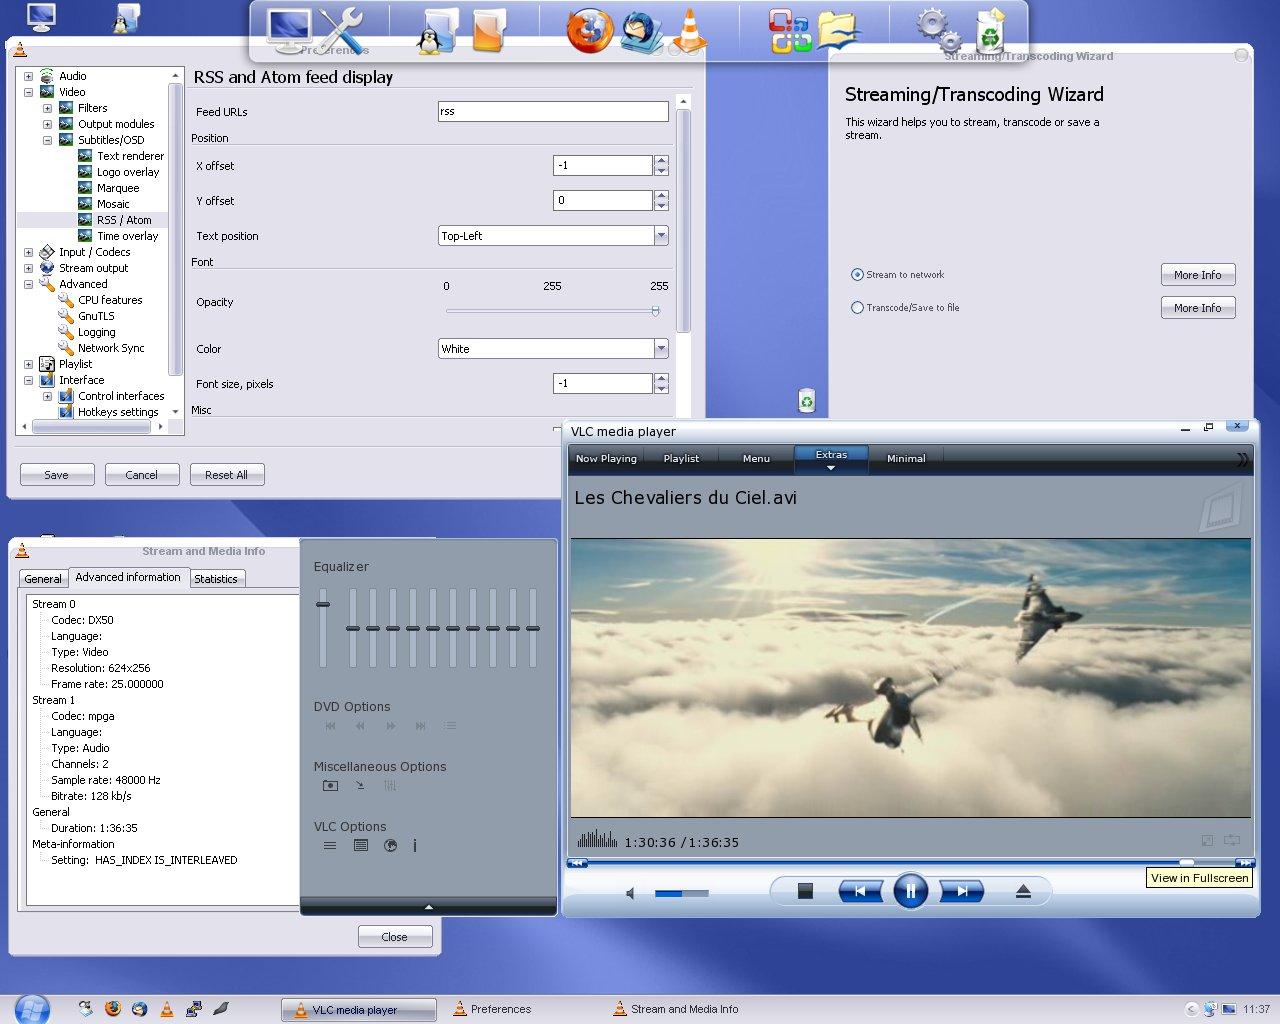 اصدار الصوت والصوره VLC Media Player